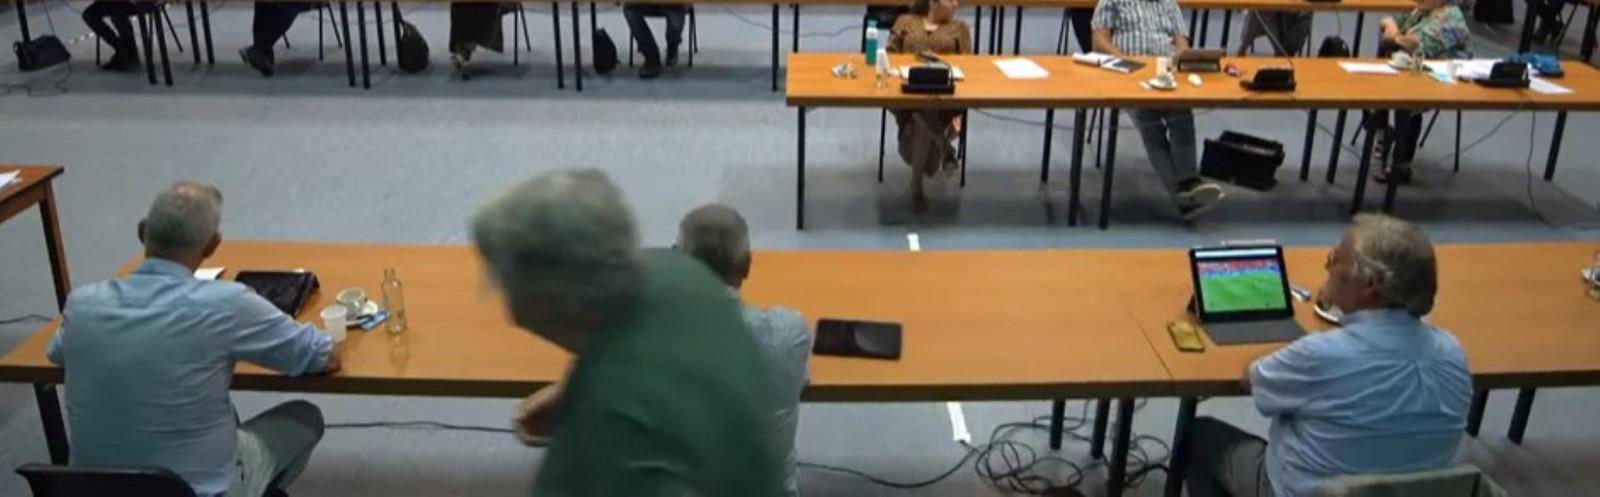 Beeldverslag raadsvergadering Roosendaal op 17 juni 2021.